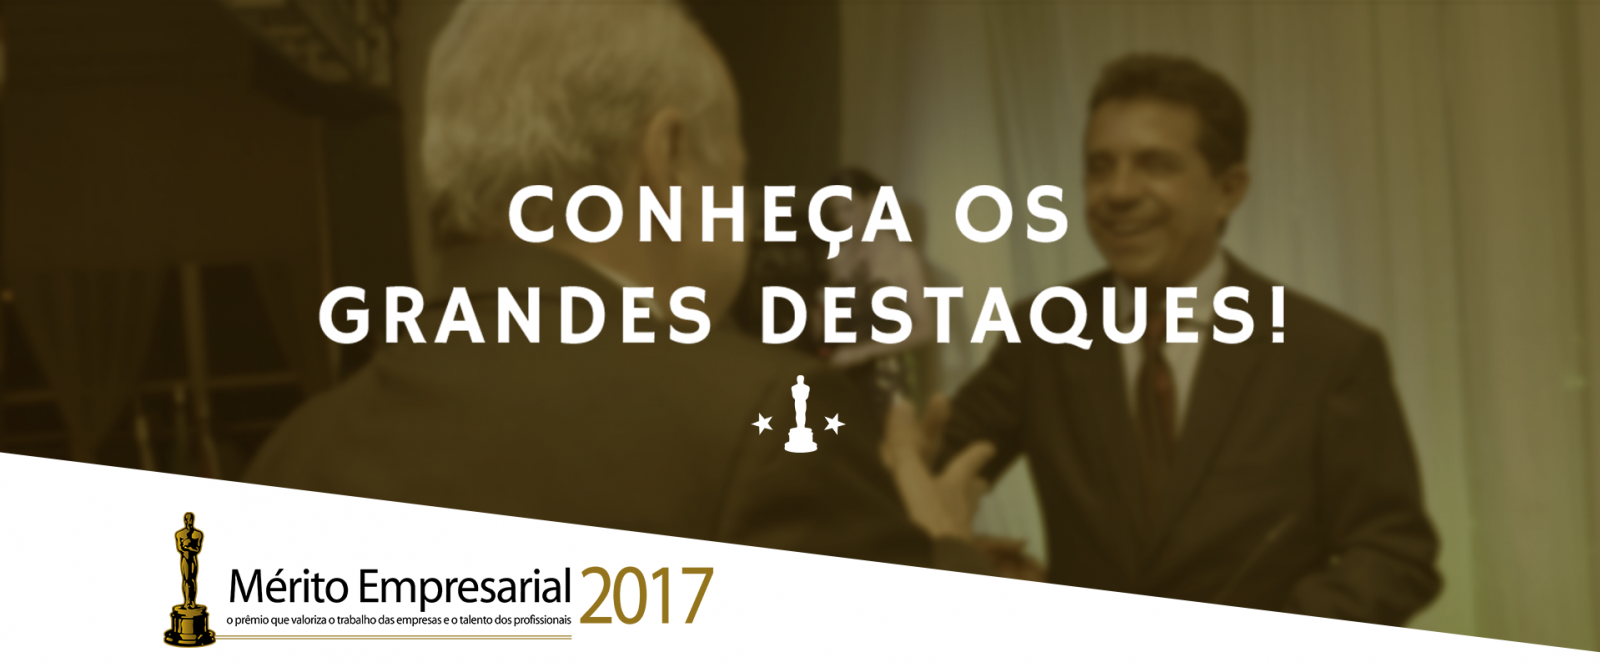 Mérito Empresarial 2017: Conheça os Destaques!